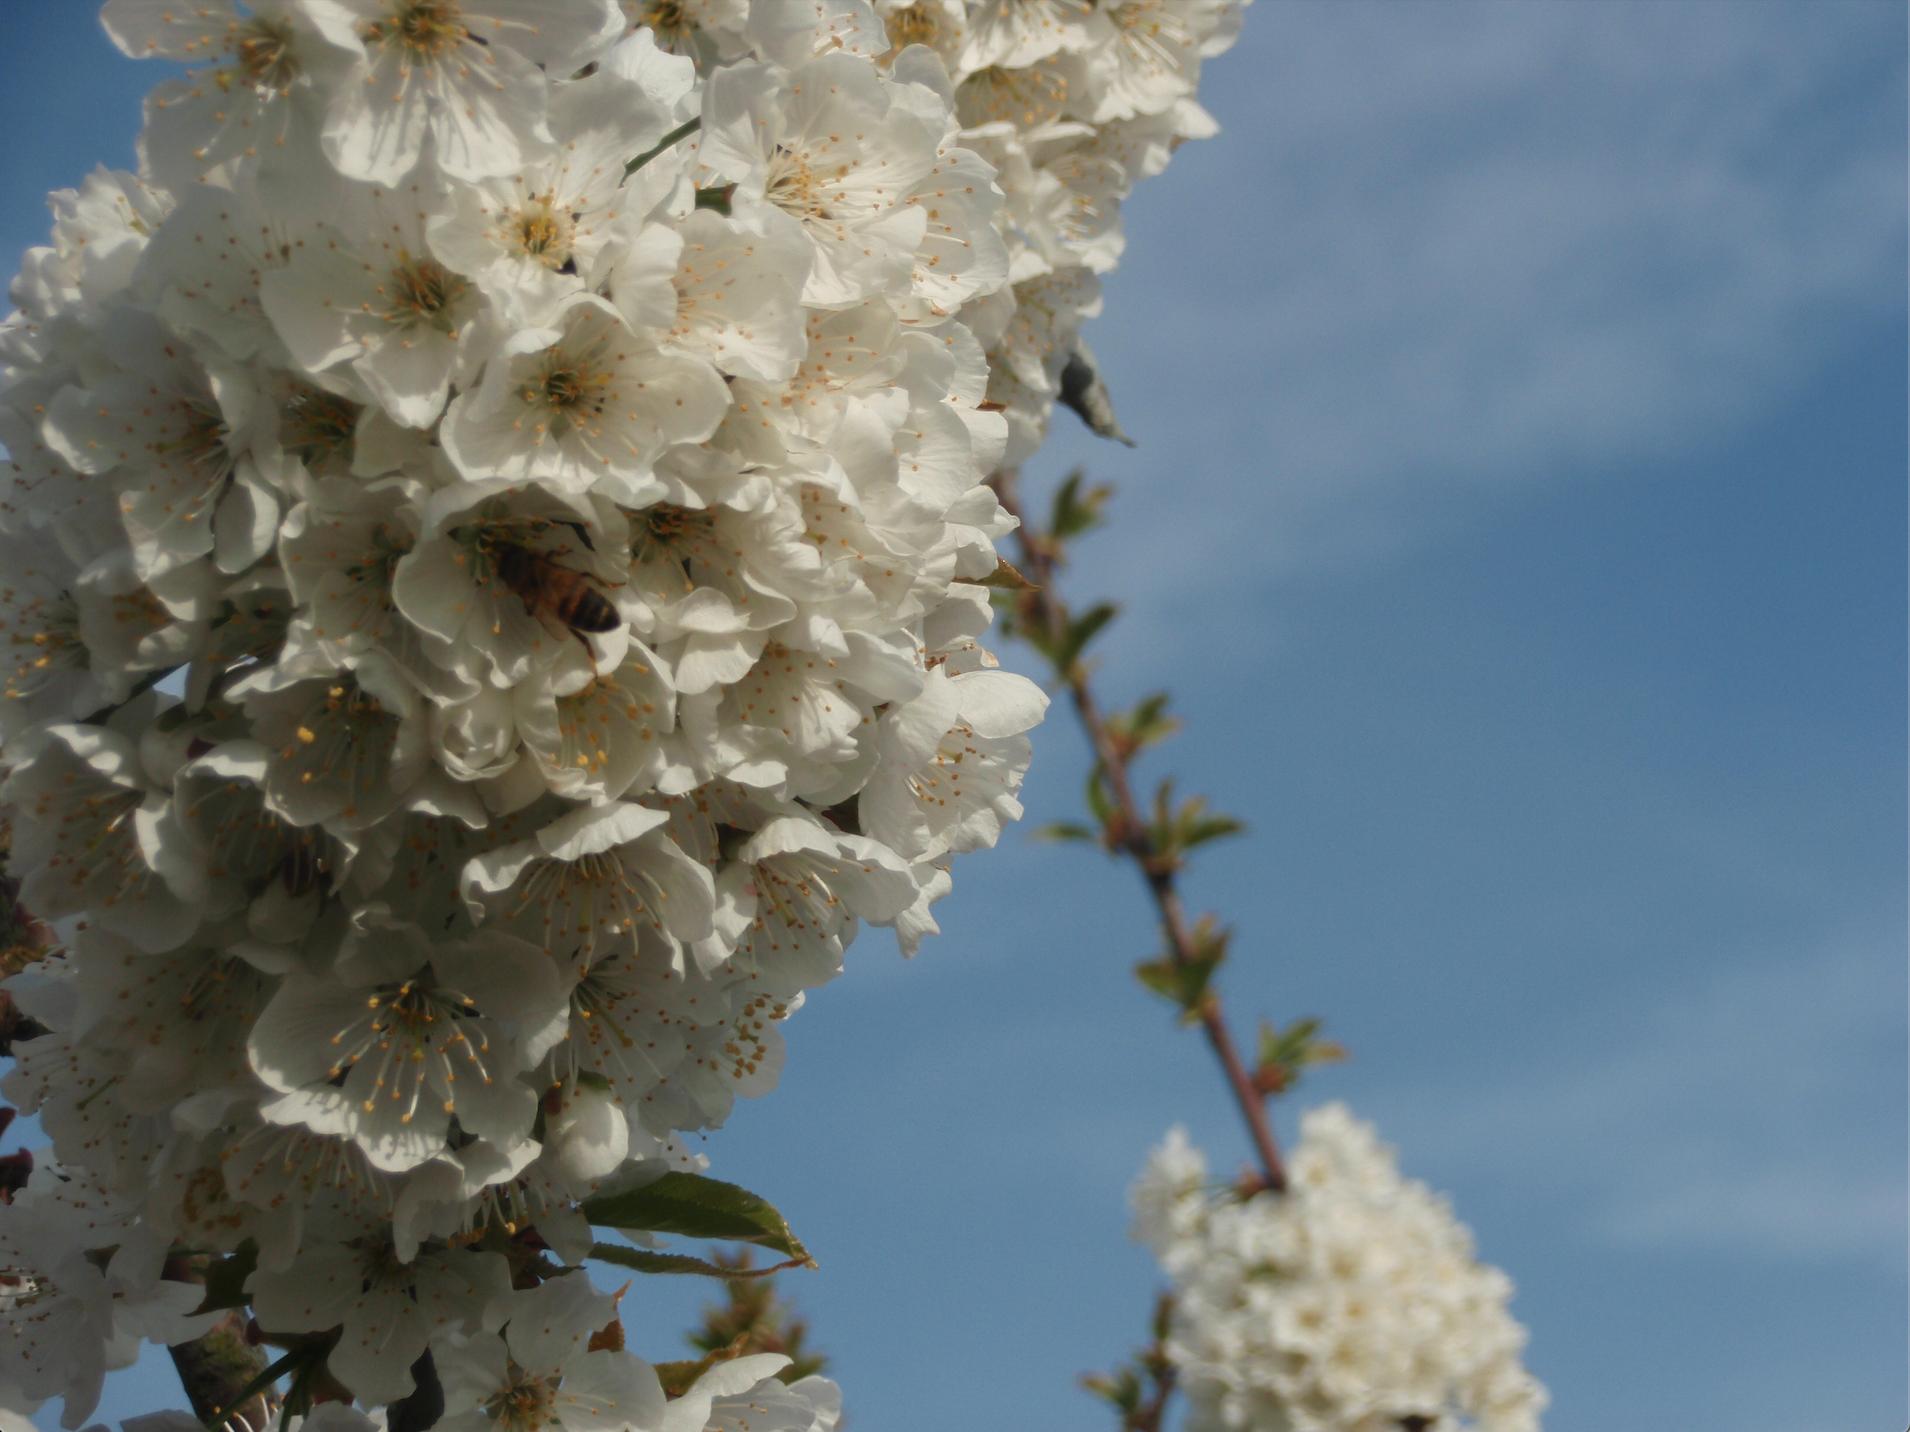 cerisiers - abeilles - bleu - ciel - arbre - lafermedelaclavette